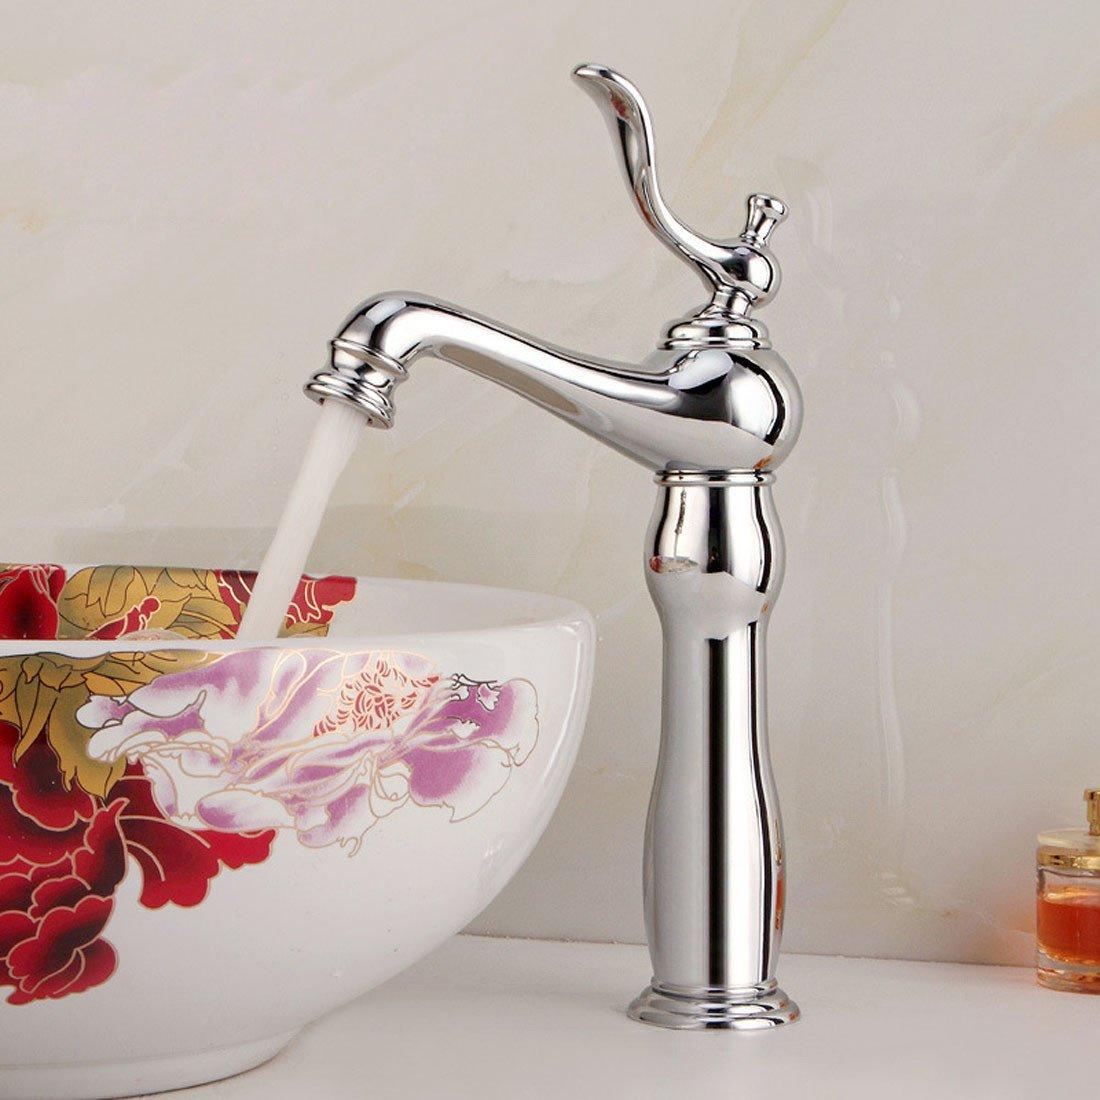 MDRW-Antique copper bath bathroom faucet